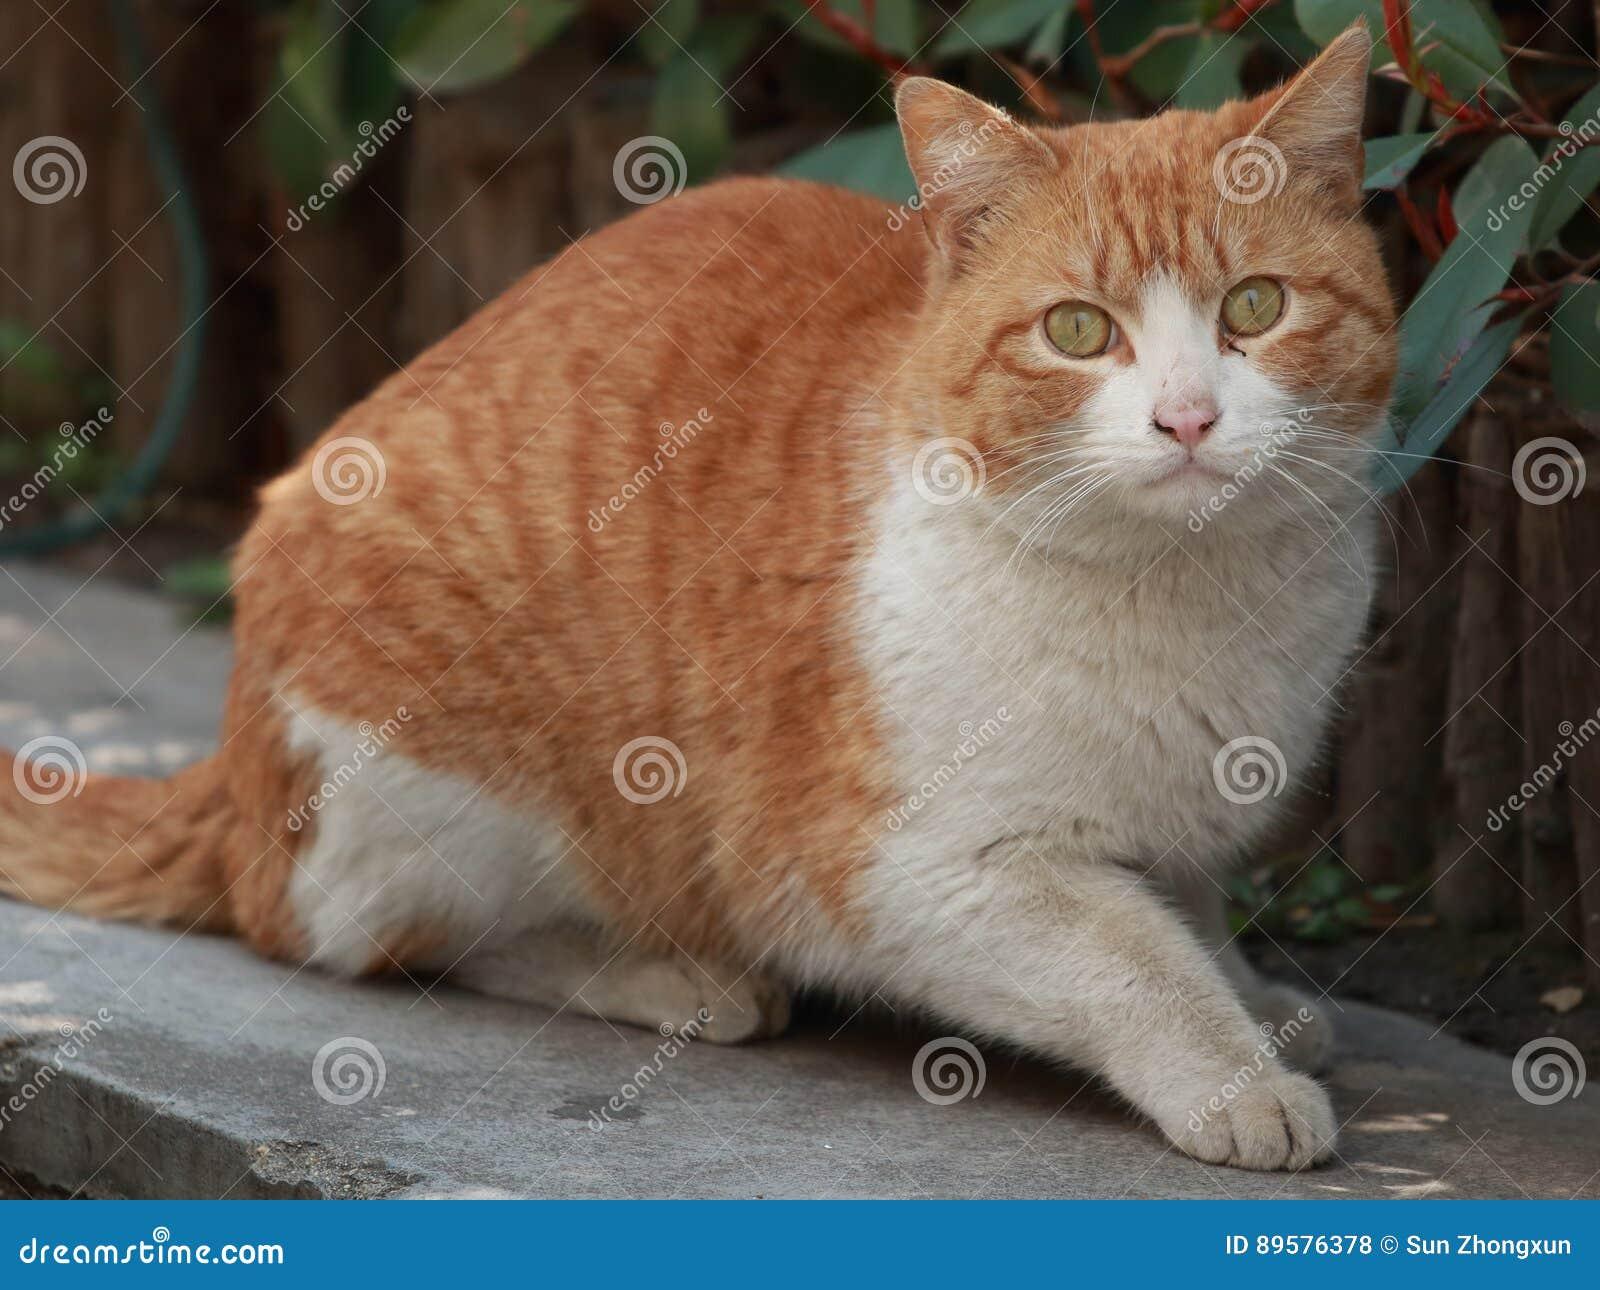 Matchless fatty chubby kitties